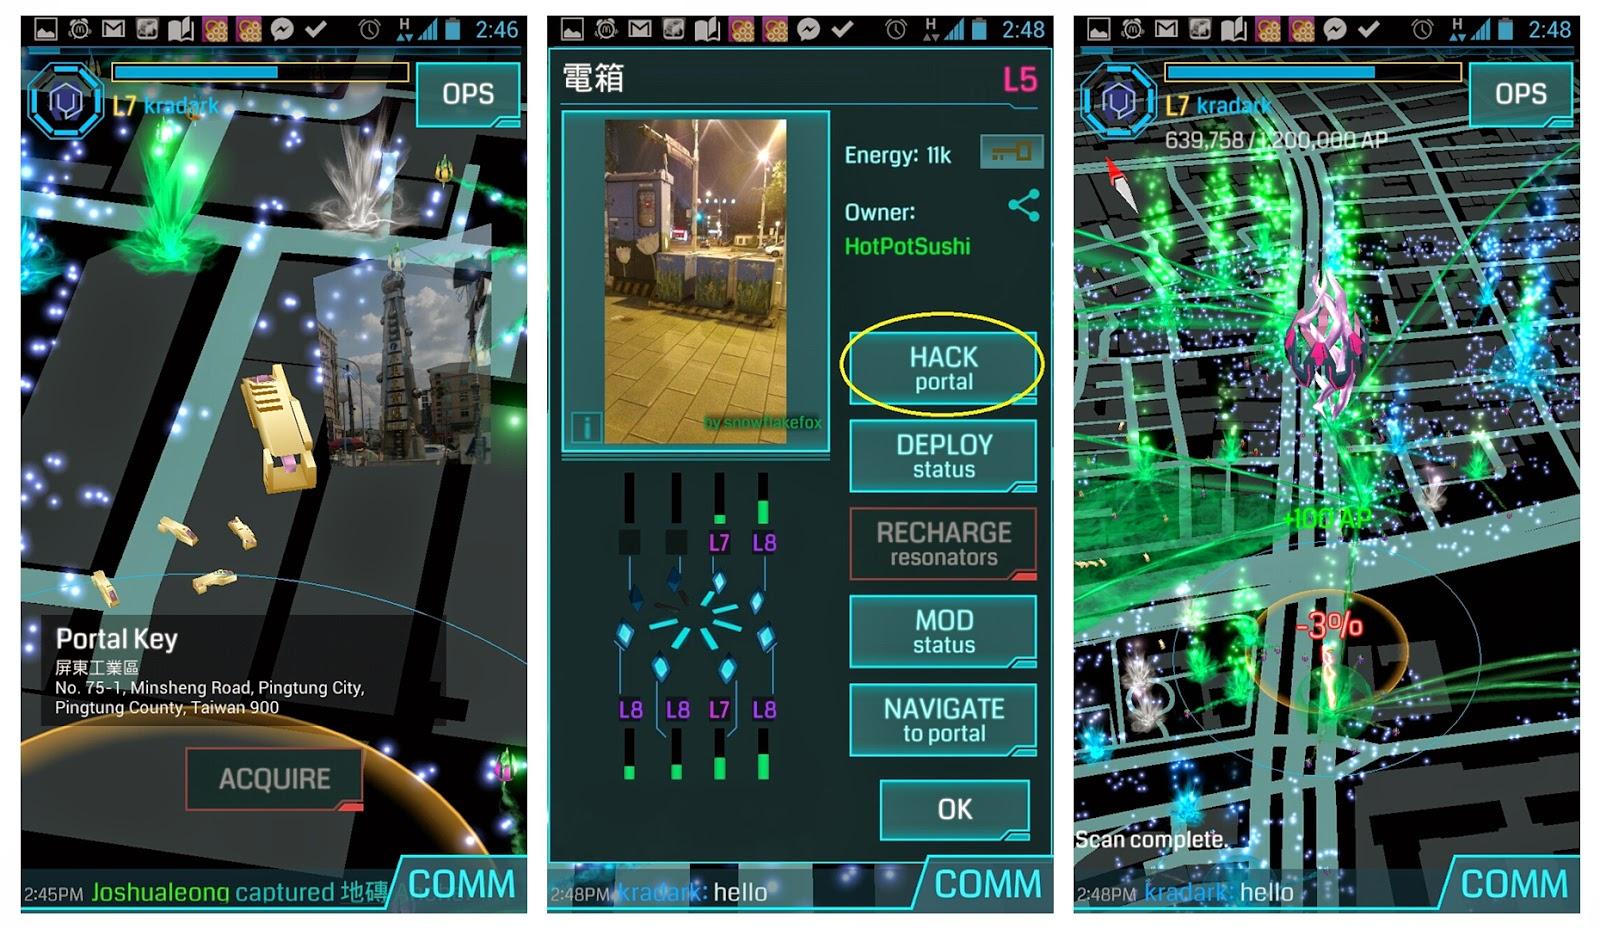 寶可夢GO的前作 - 擴增實境大作Ingress不只是一個GAME! - 6